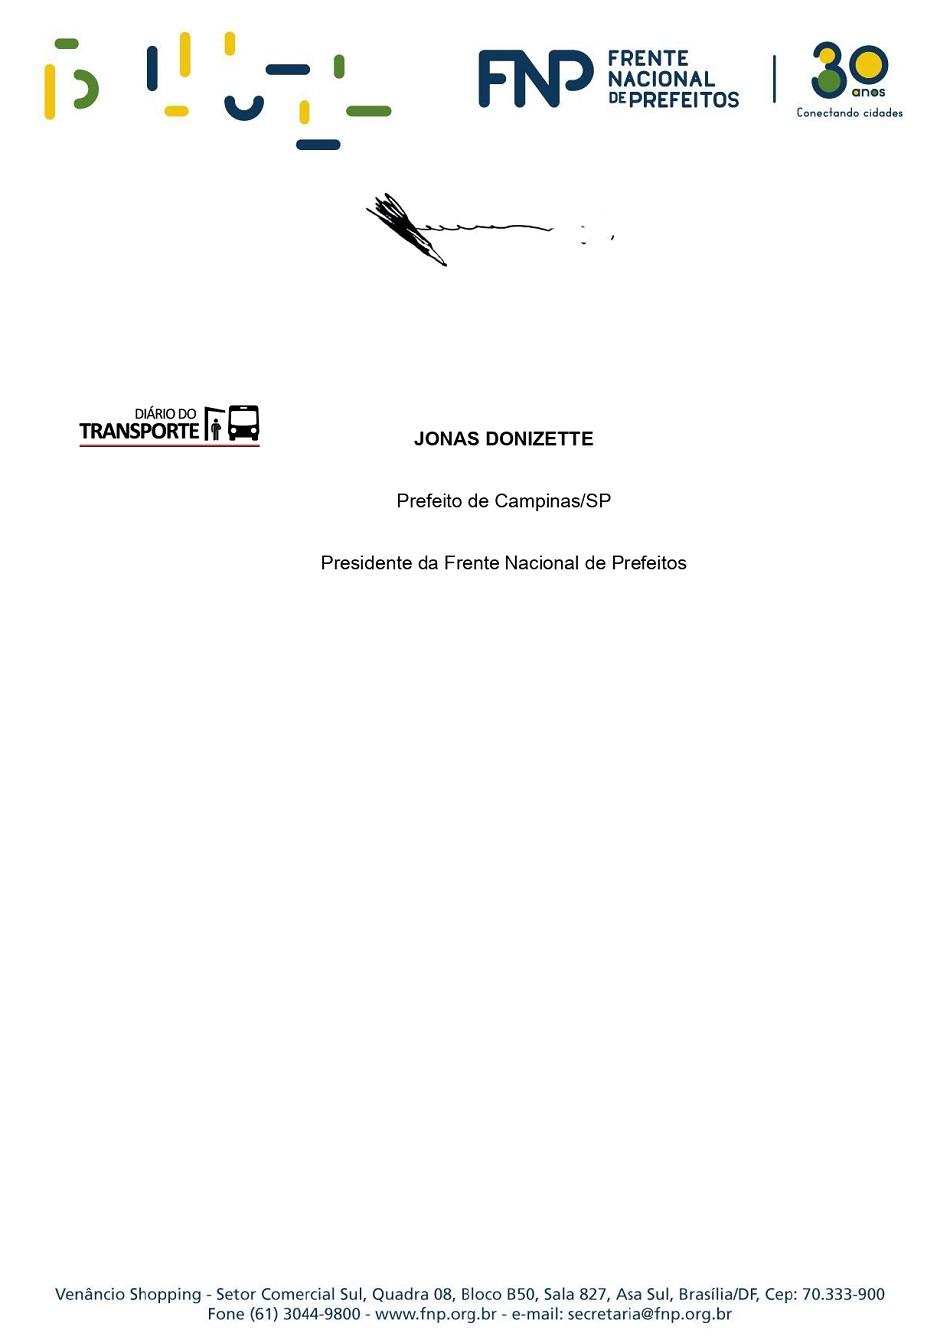 Ofício FNP272 2020- Pres. Jair Bolsonaro 03